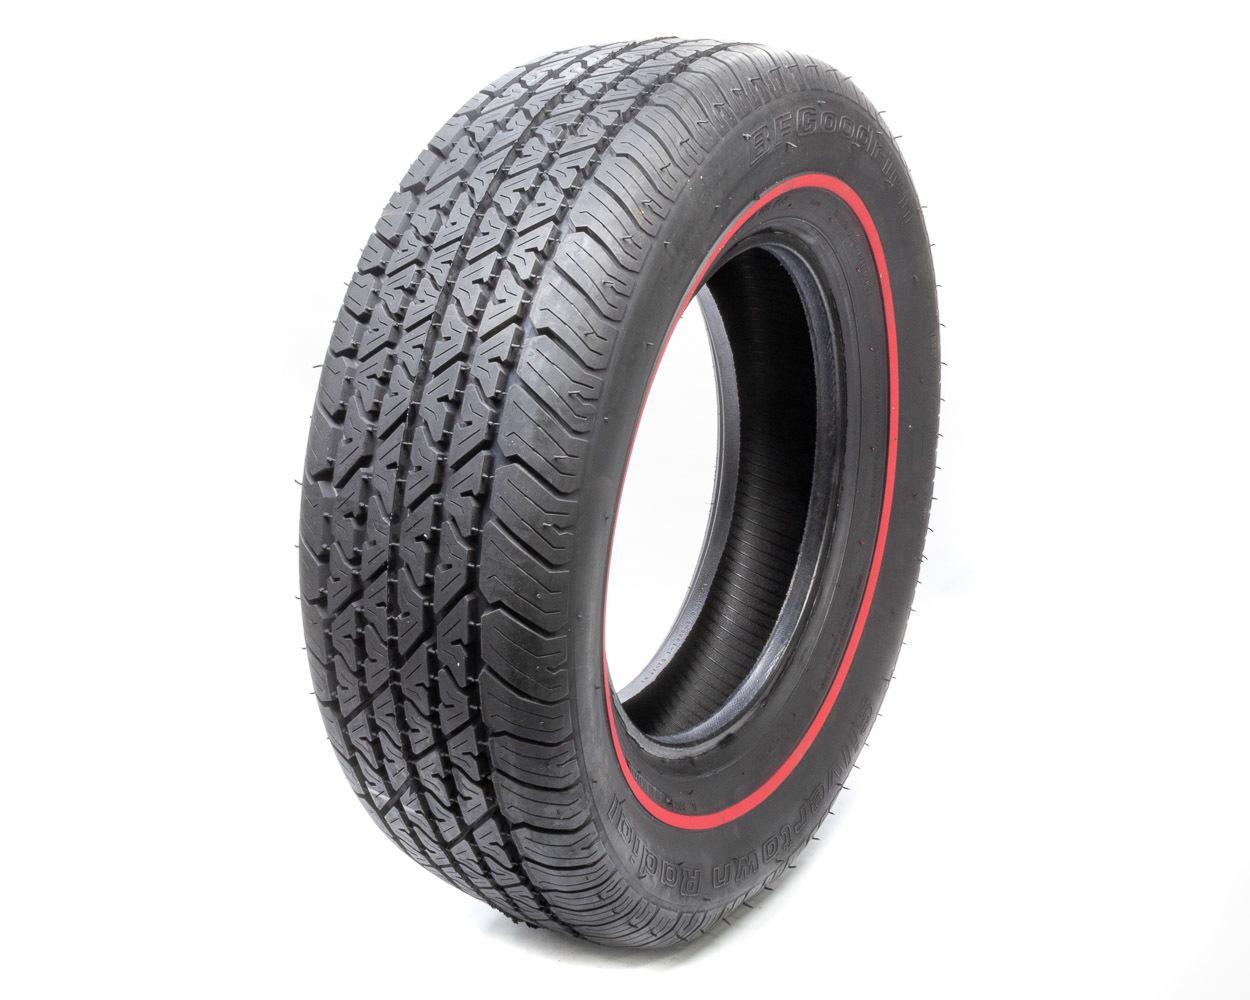 P225/70R15 BFG Redline Tire